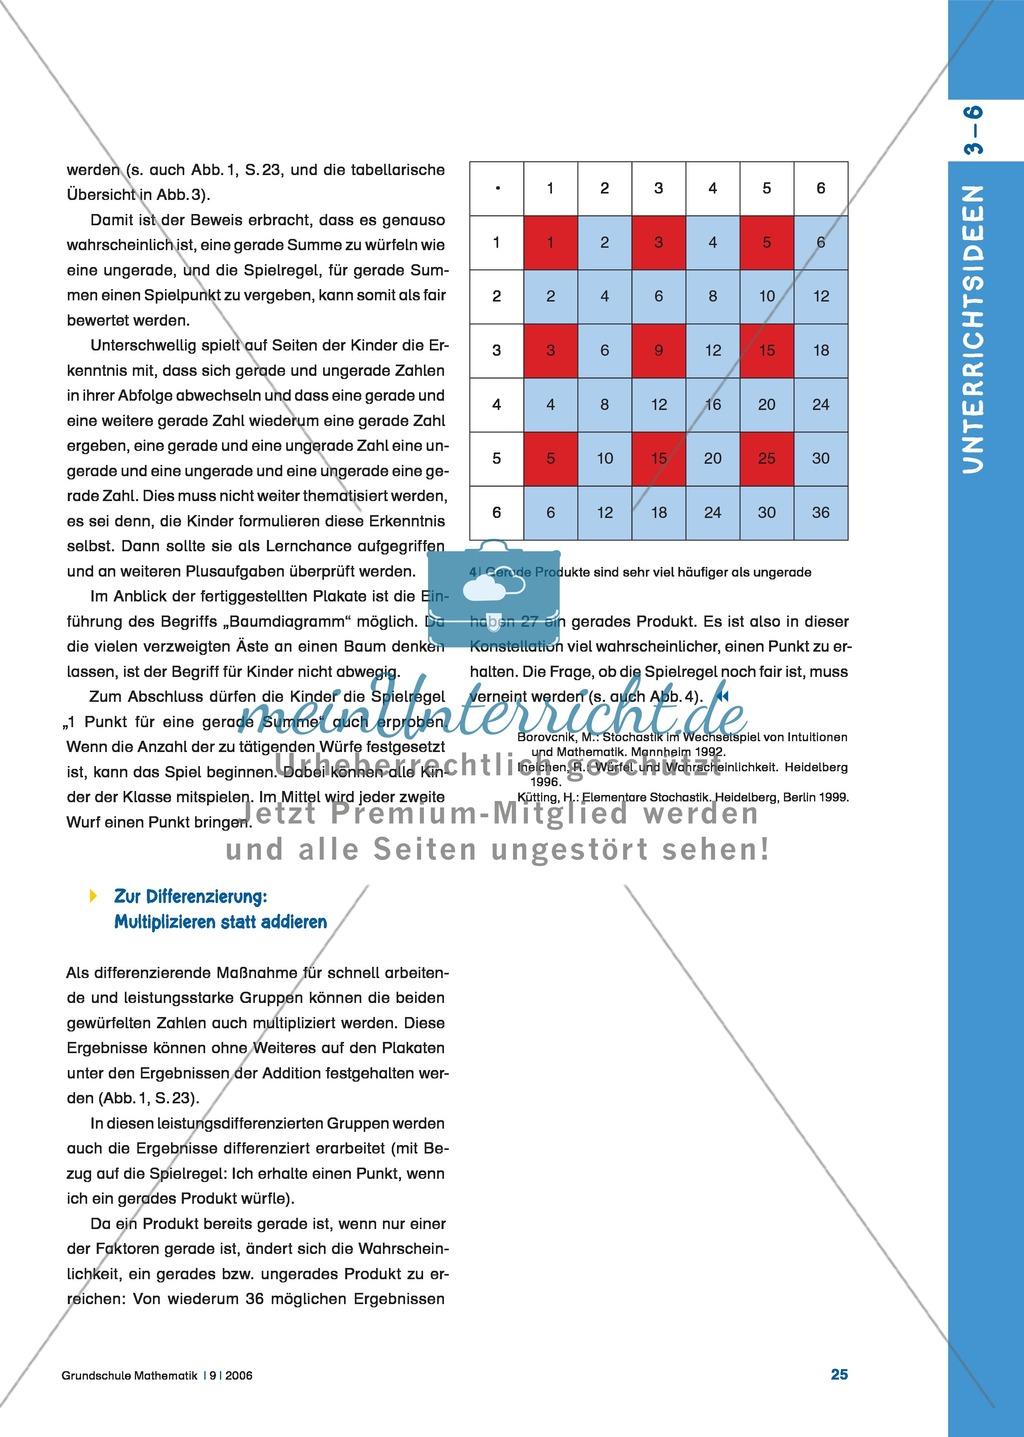 Einführung des Baumdiagramms als Darstellungsmittel für Daten und ...